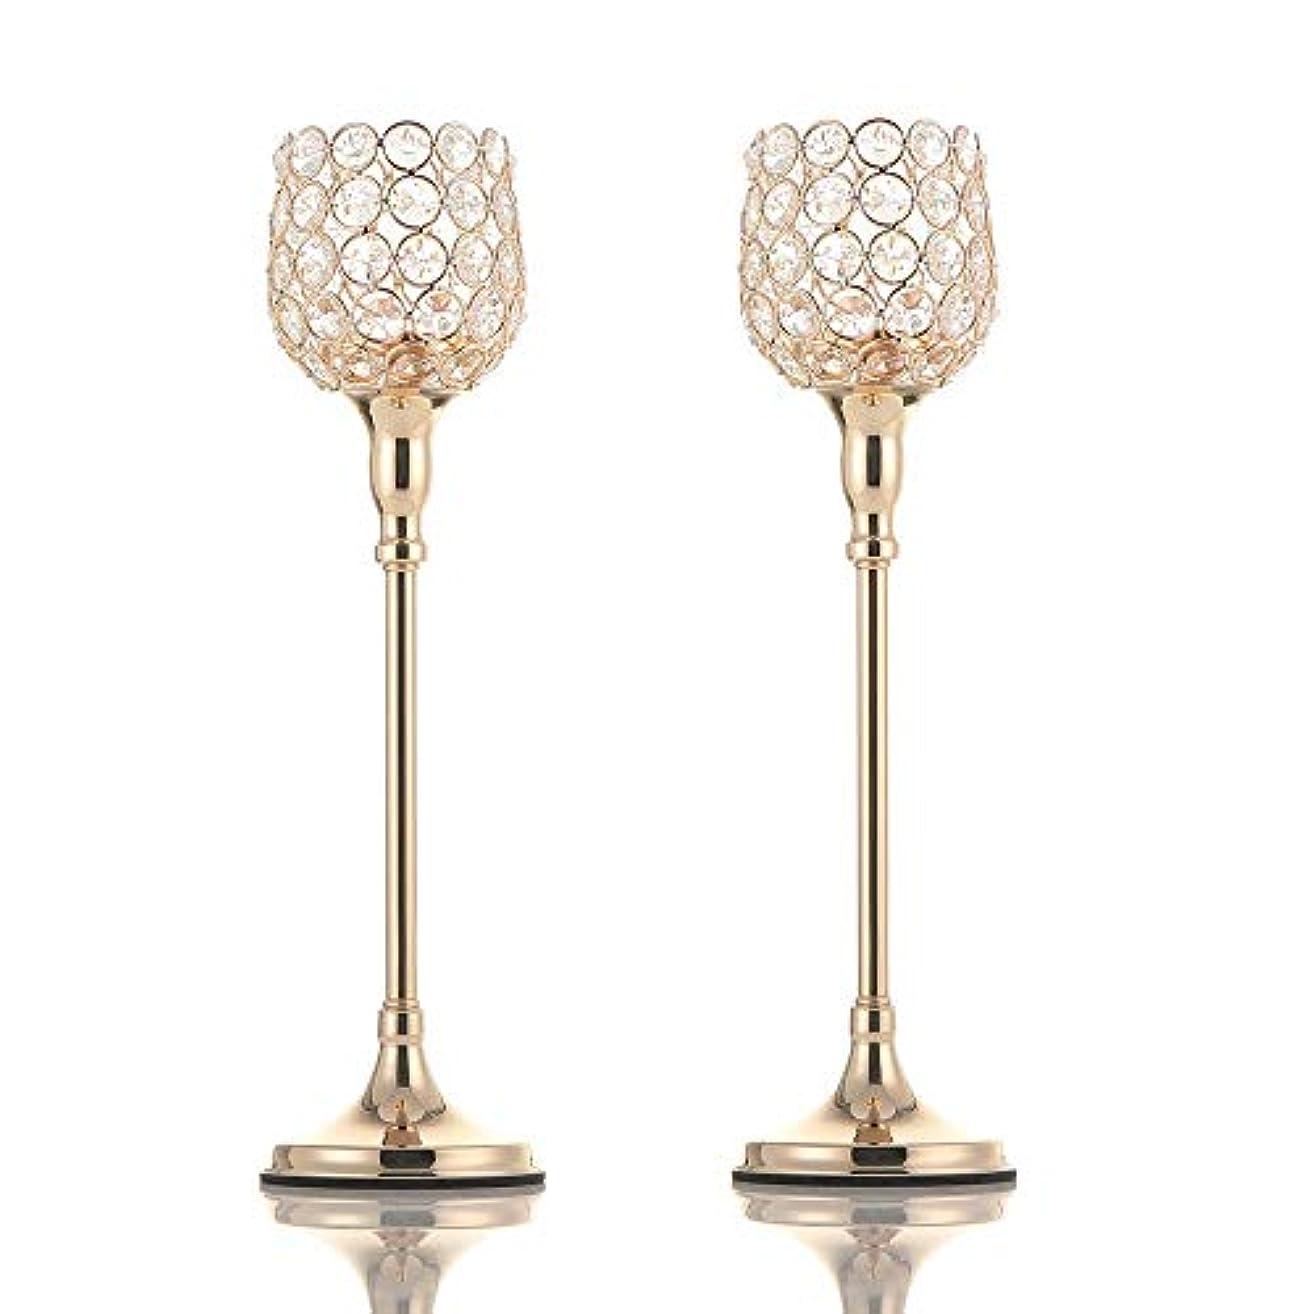 長々とトロリーバス額VINCIGANTゴールデンクリスタルキャンドルスティックセット2枚38cm、結婚式、テーブル装飾、感謝祭、クリスマス、バレンタインデー、記念日に適しています